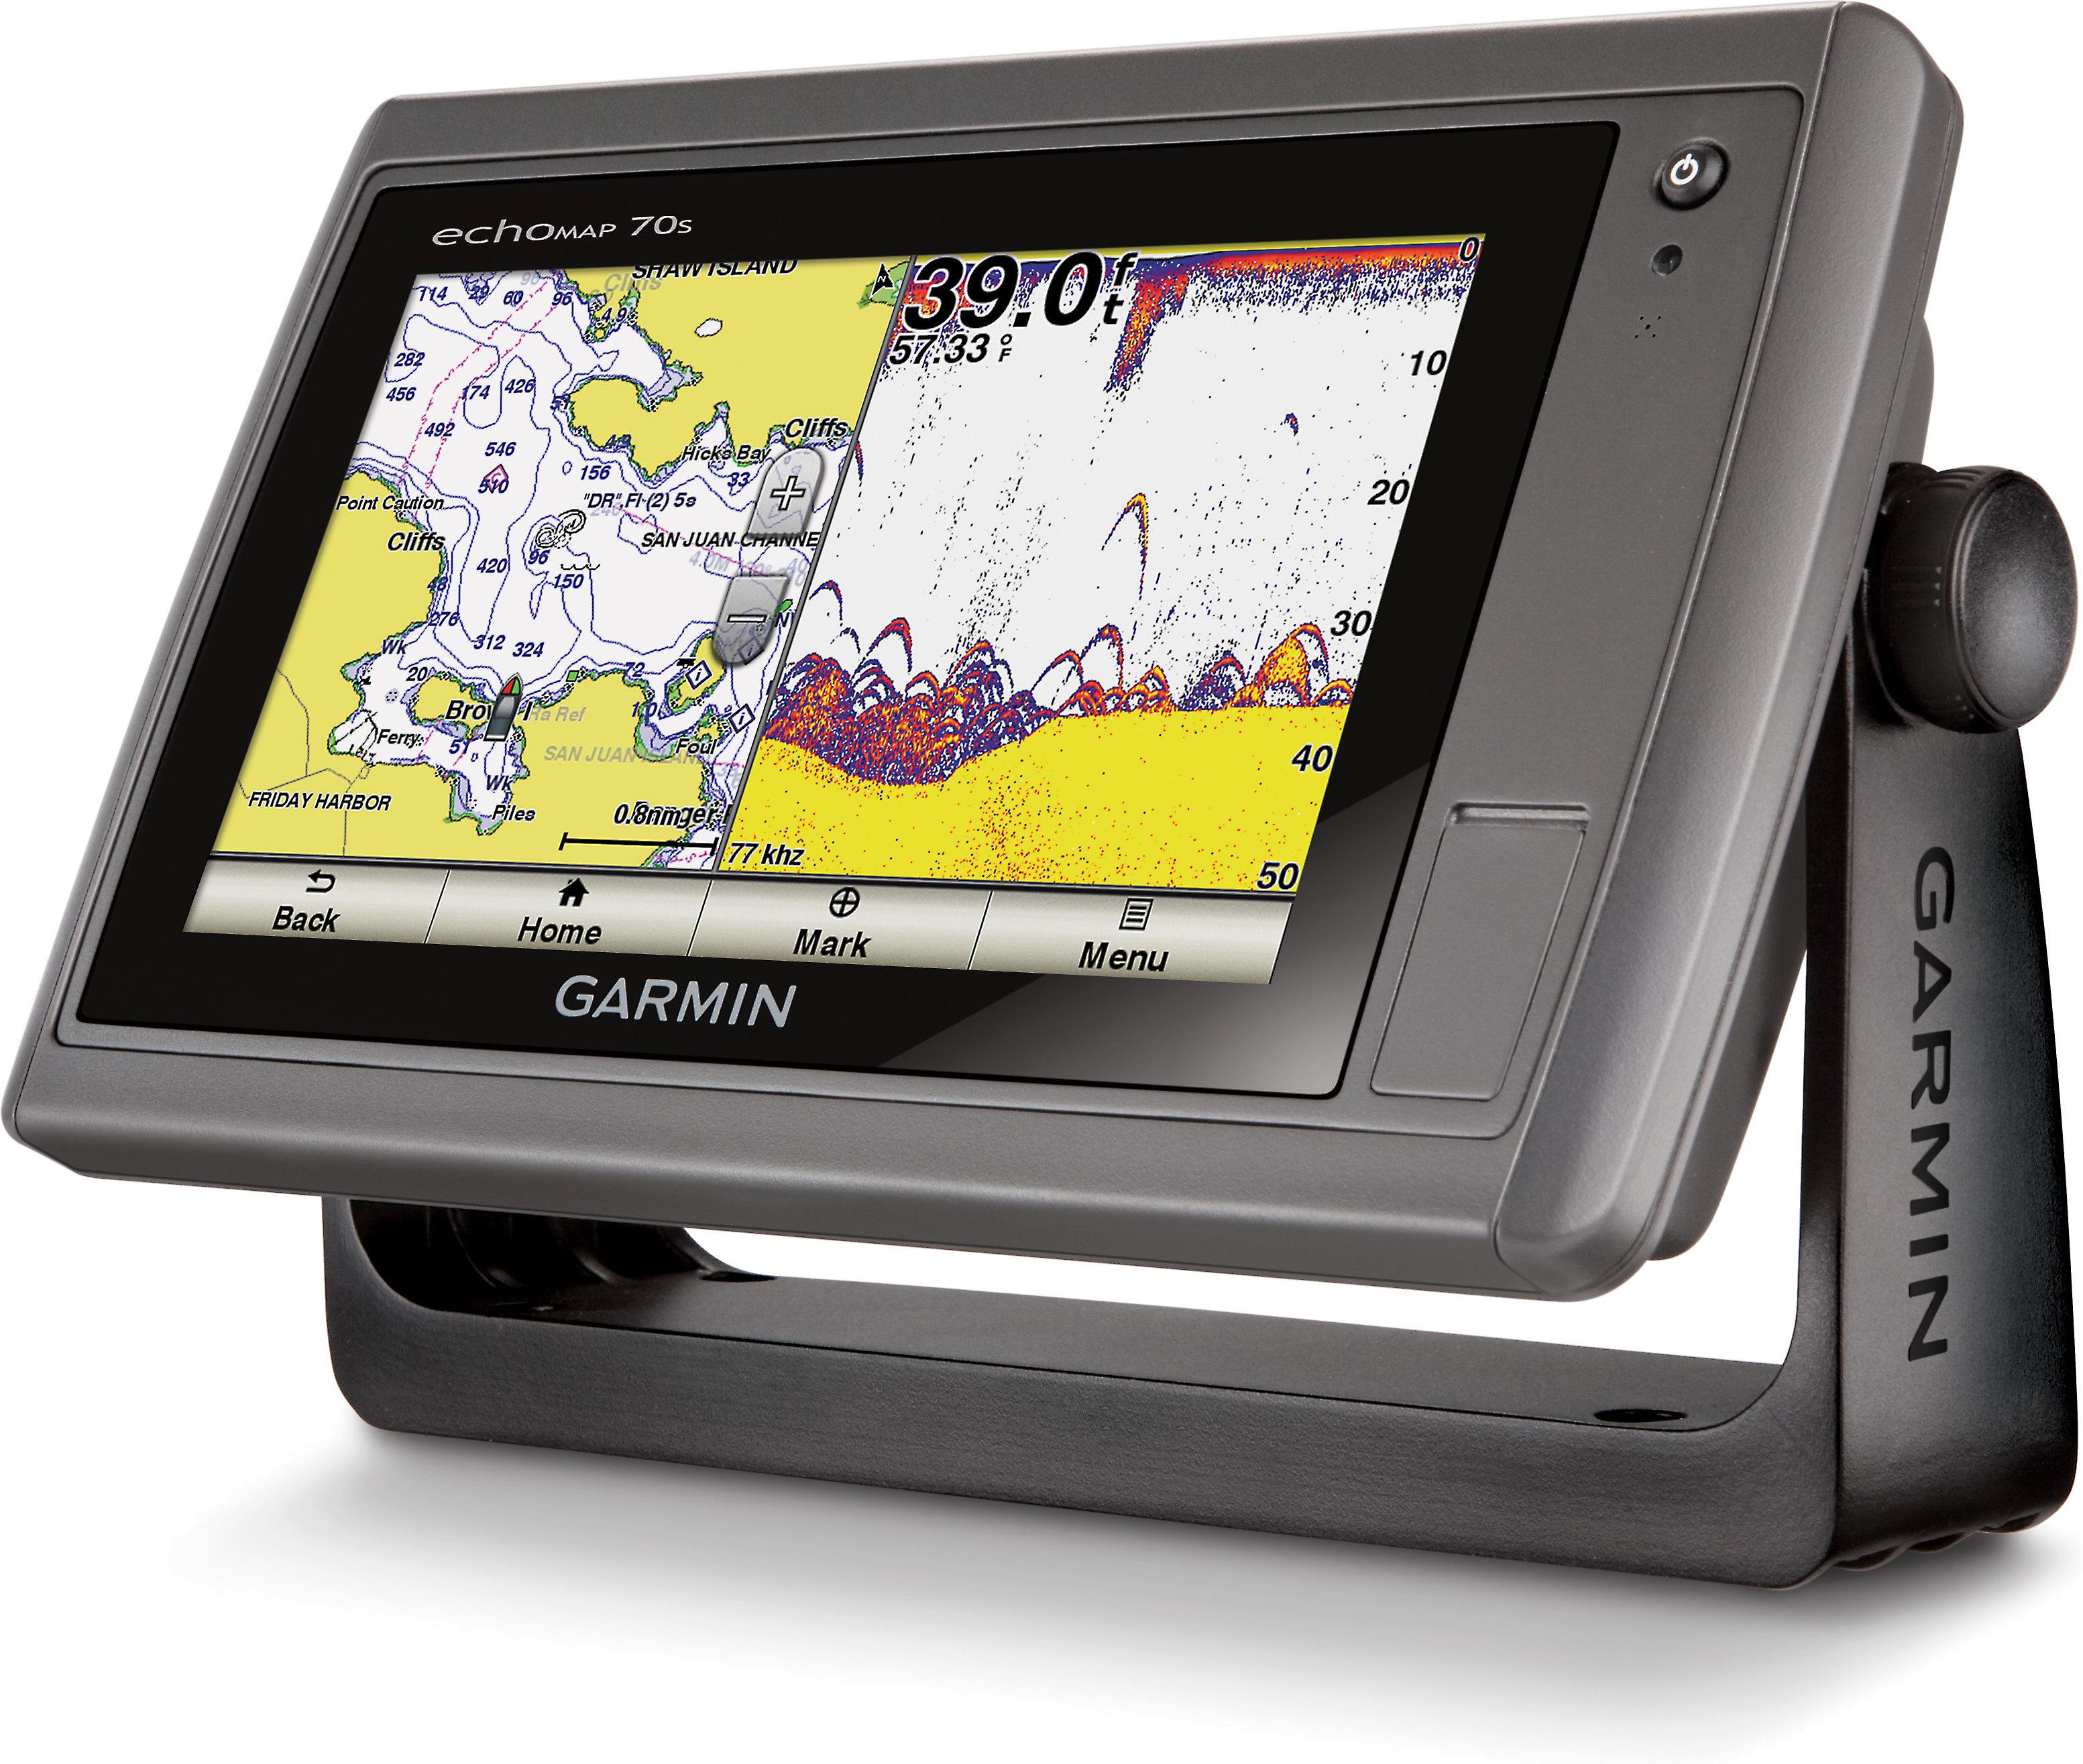 Garmin echoMAP 70s (with transducer) Chartplotter/fishfinder ... on